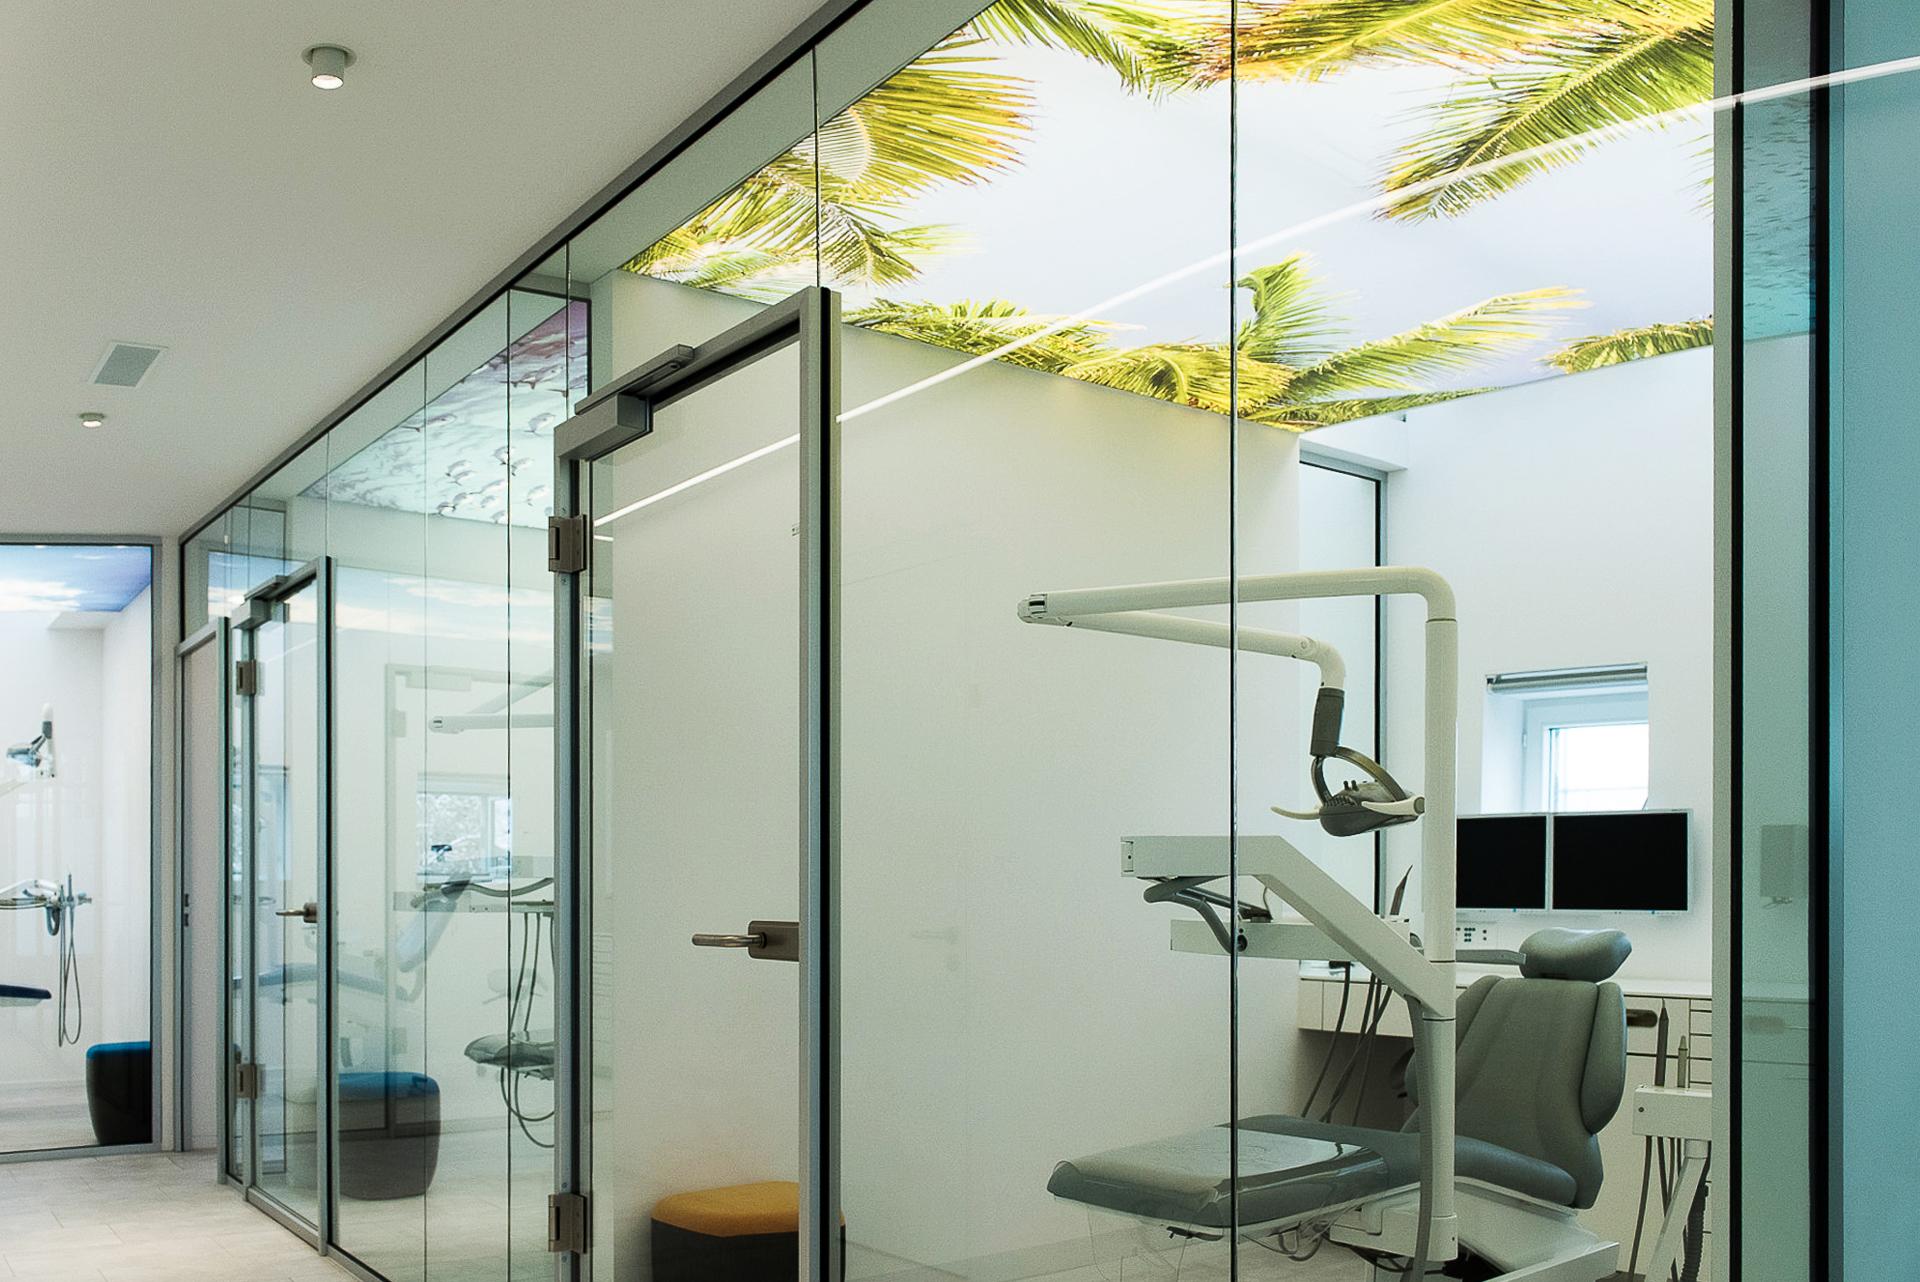 spanplafond spanwand in een medische praktijk